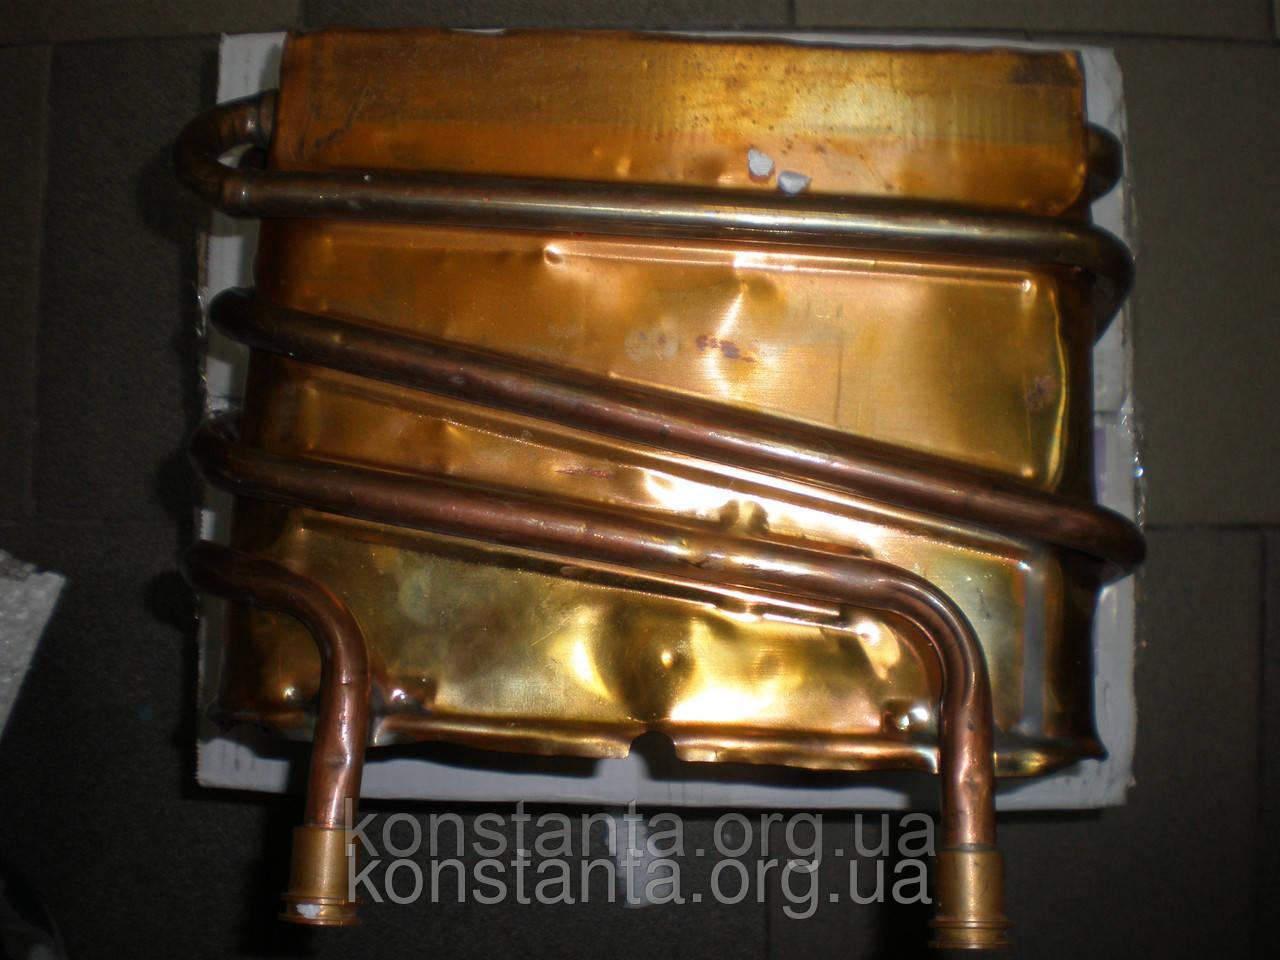 Ремонт теплообменника и медных трубок газовой колонки 29